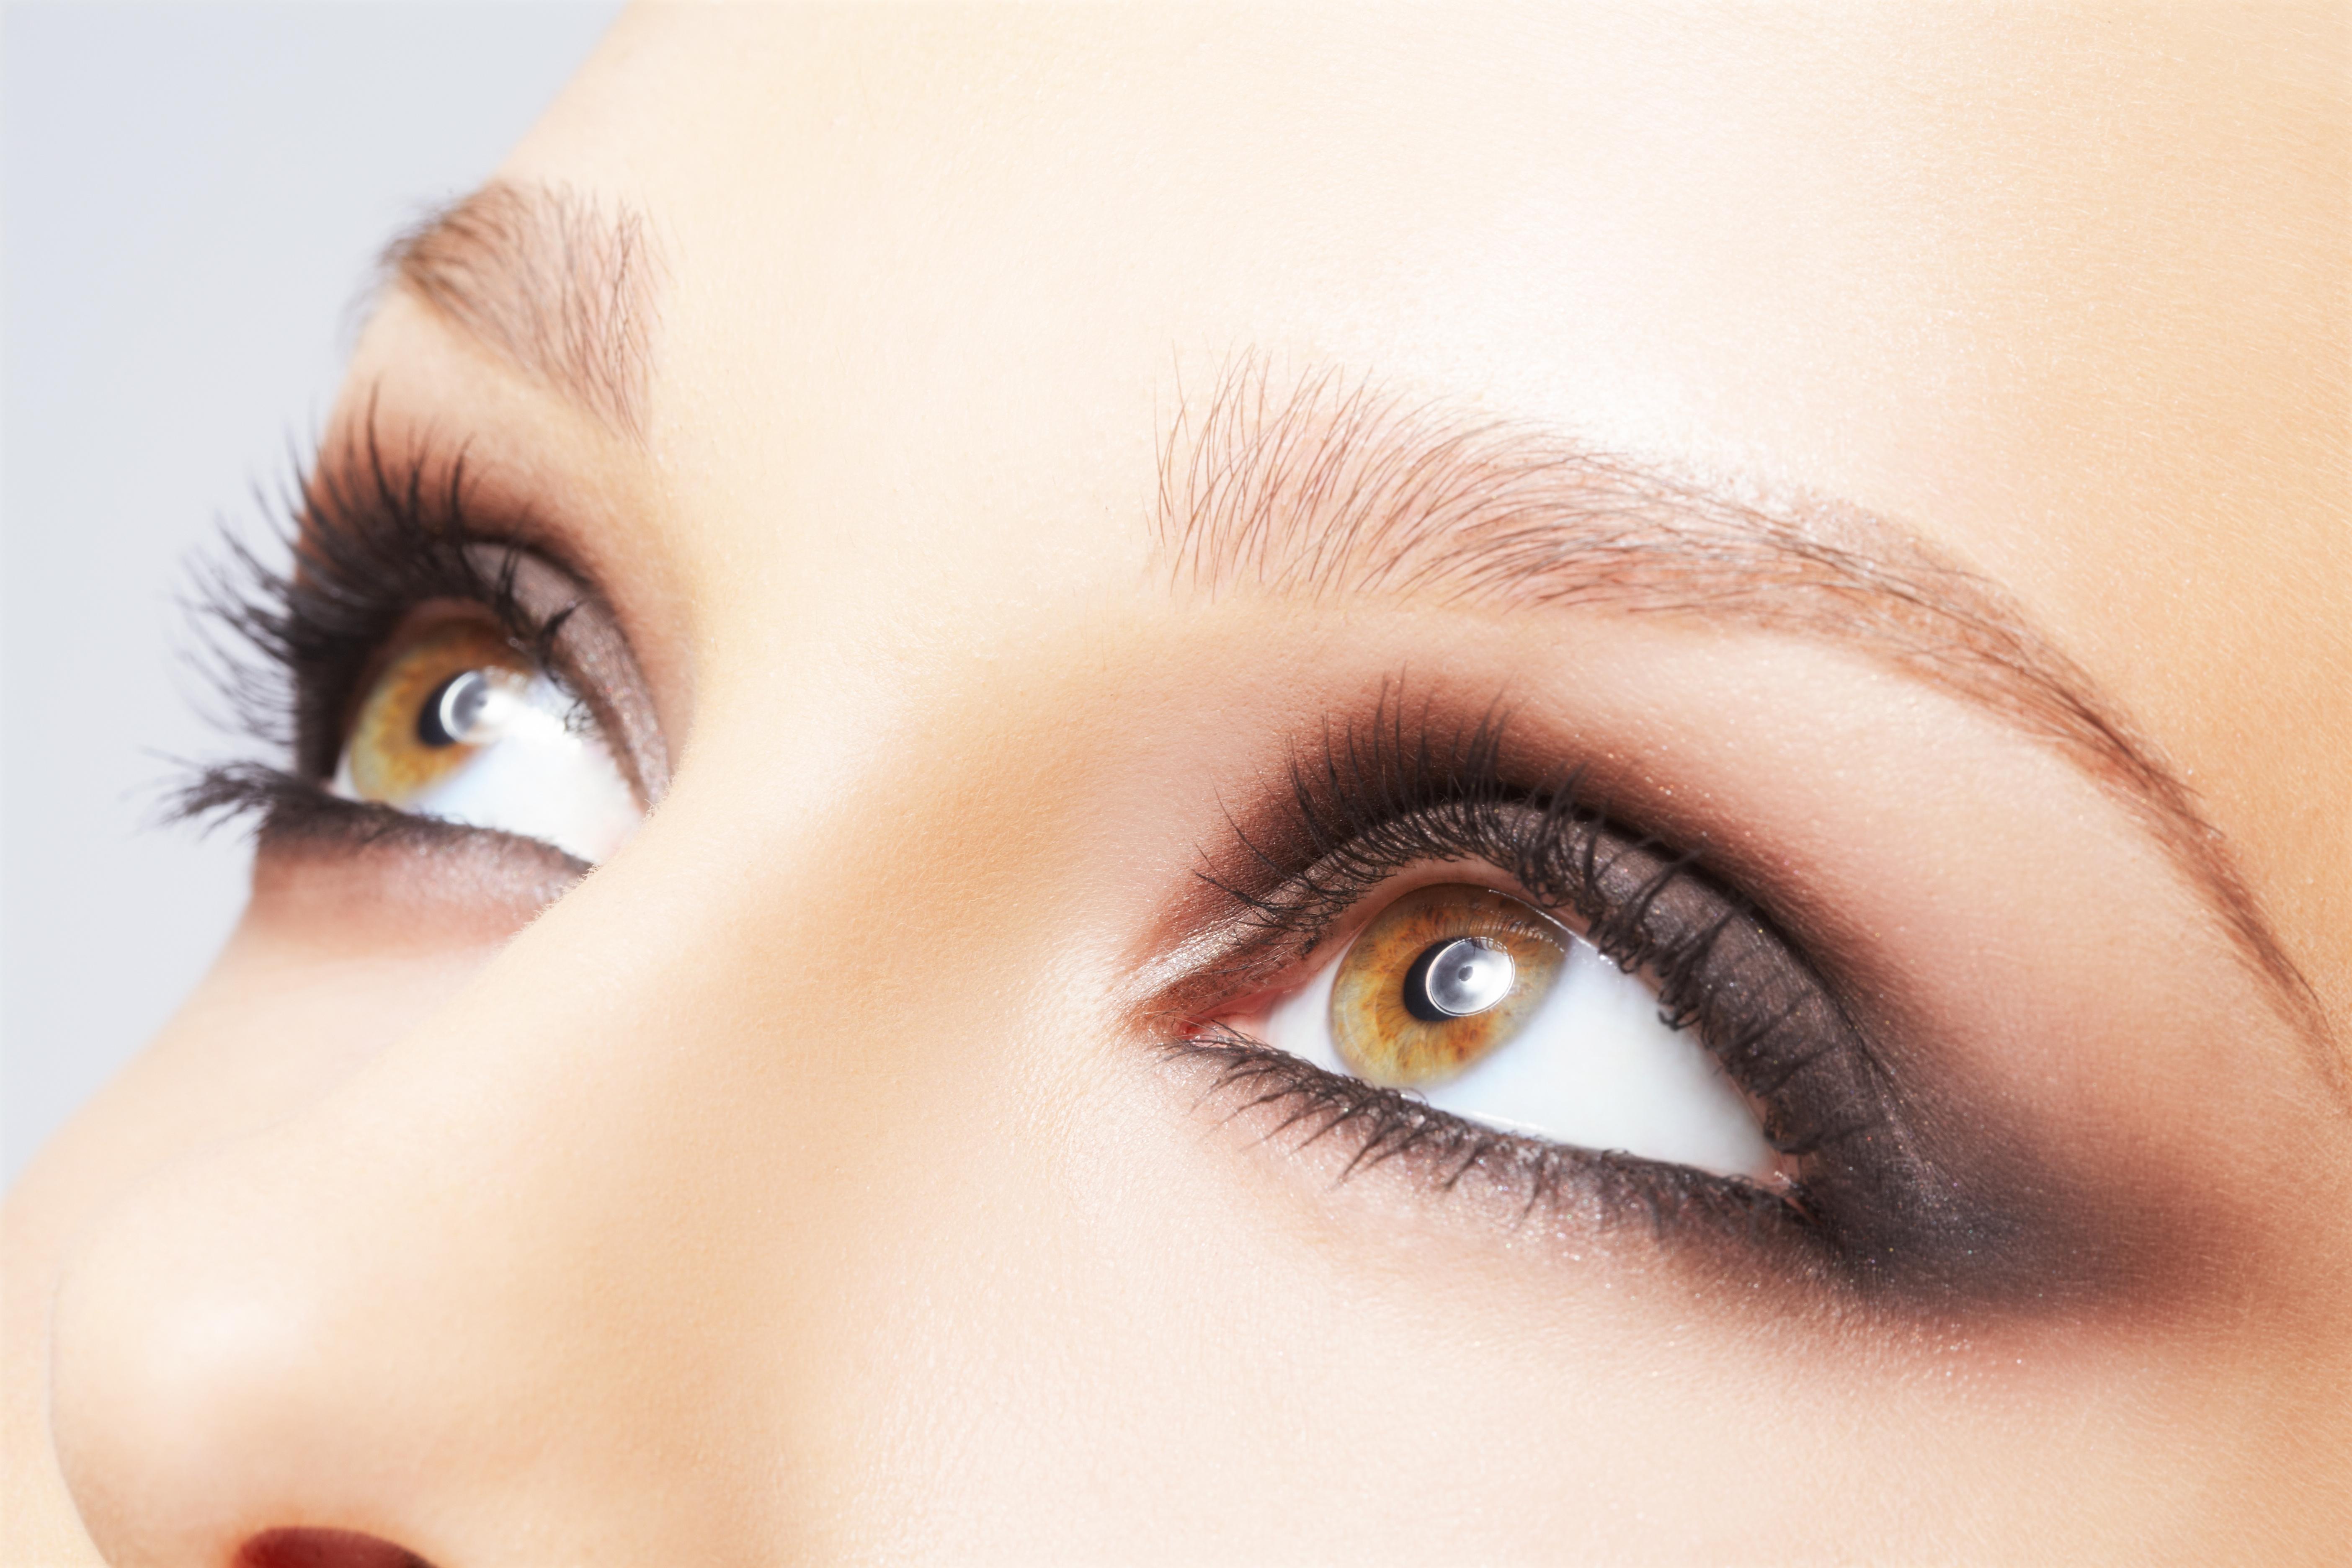 мало фото красивых карих женских глаз крыше трубу сделал